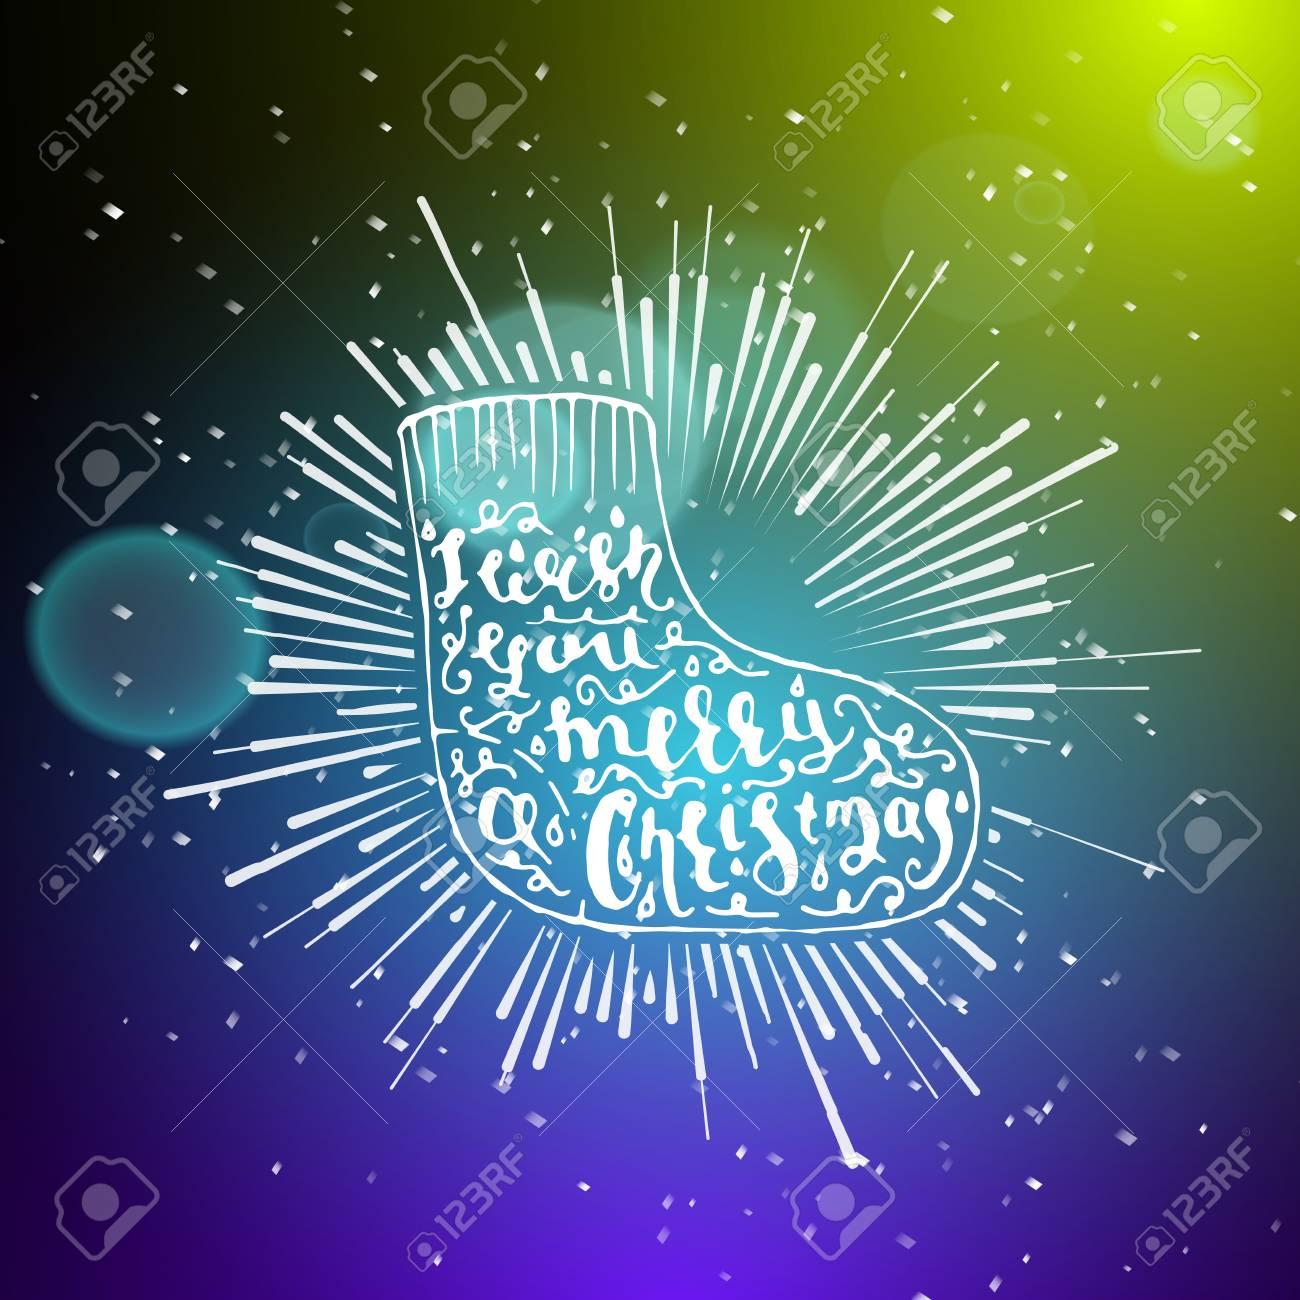 Zeigen Hintergrund. Frohe Weihnachten Brush Script Art-Handschrift ...